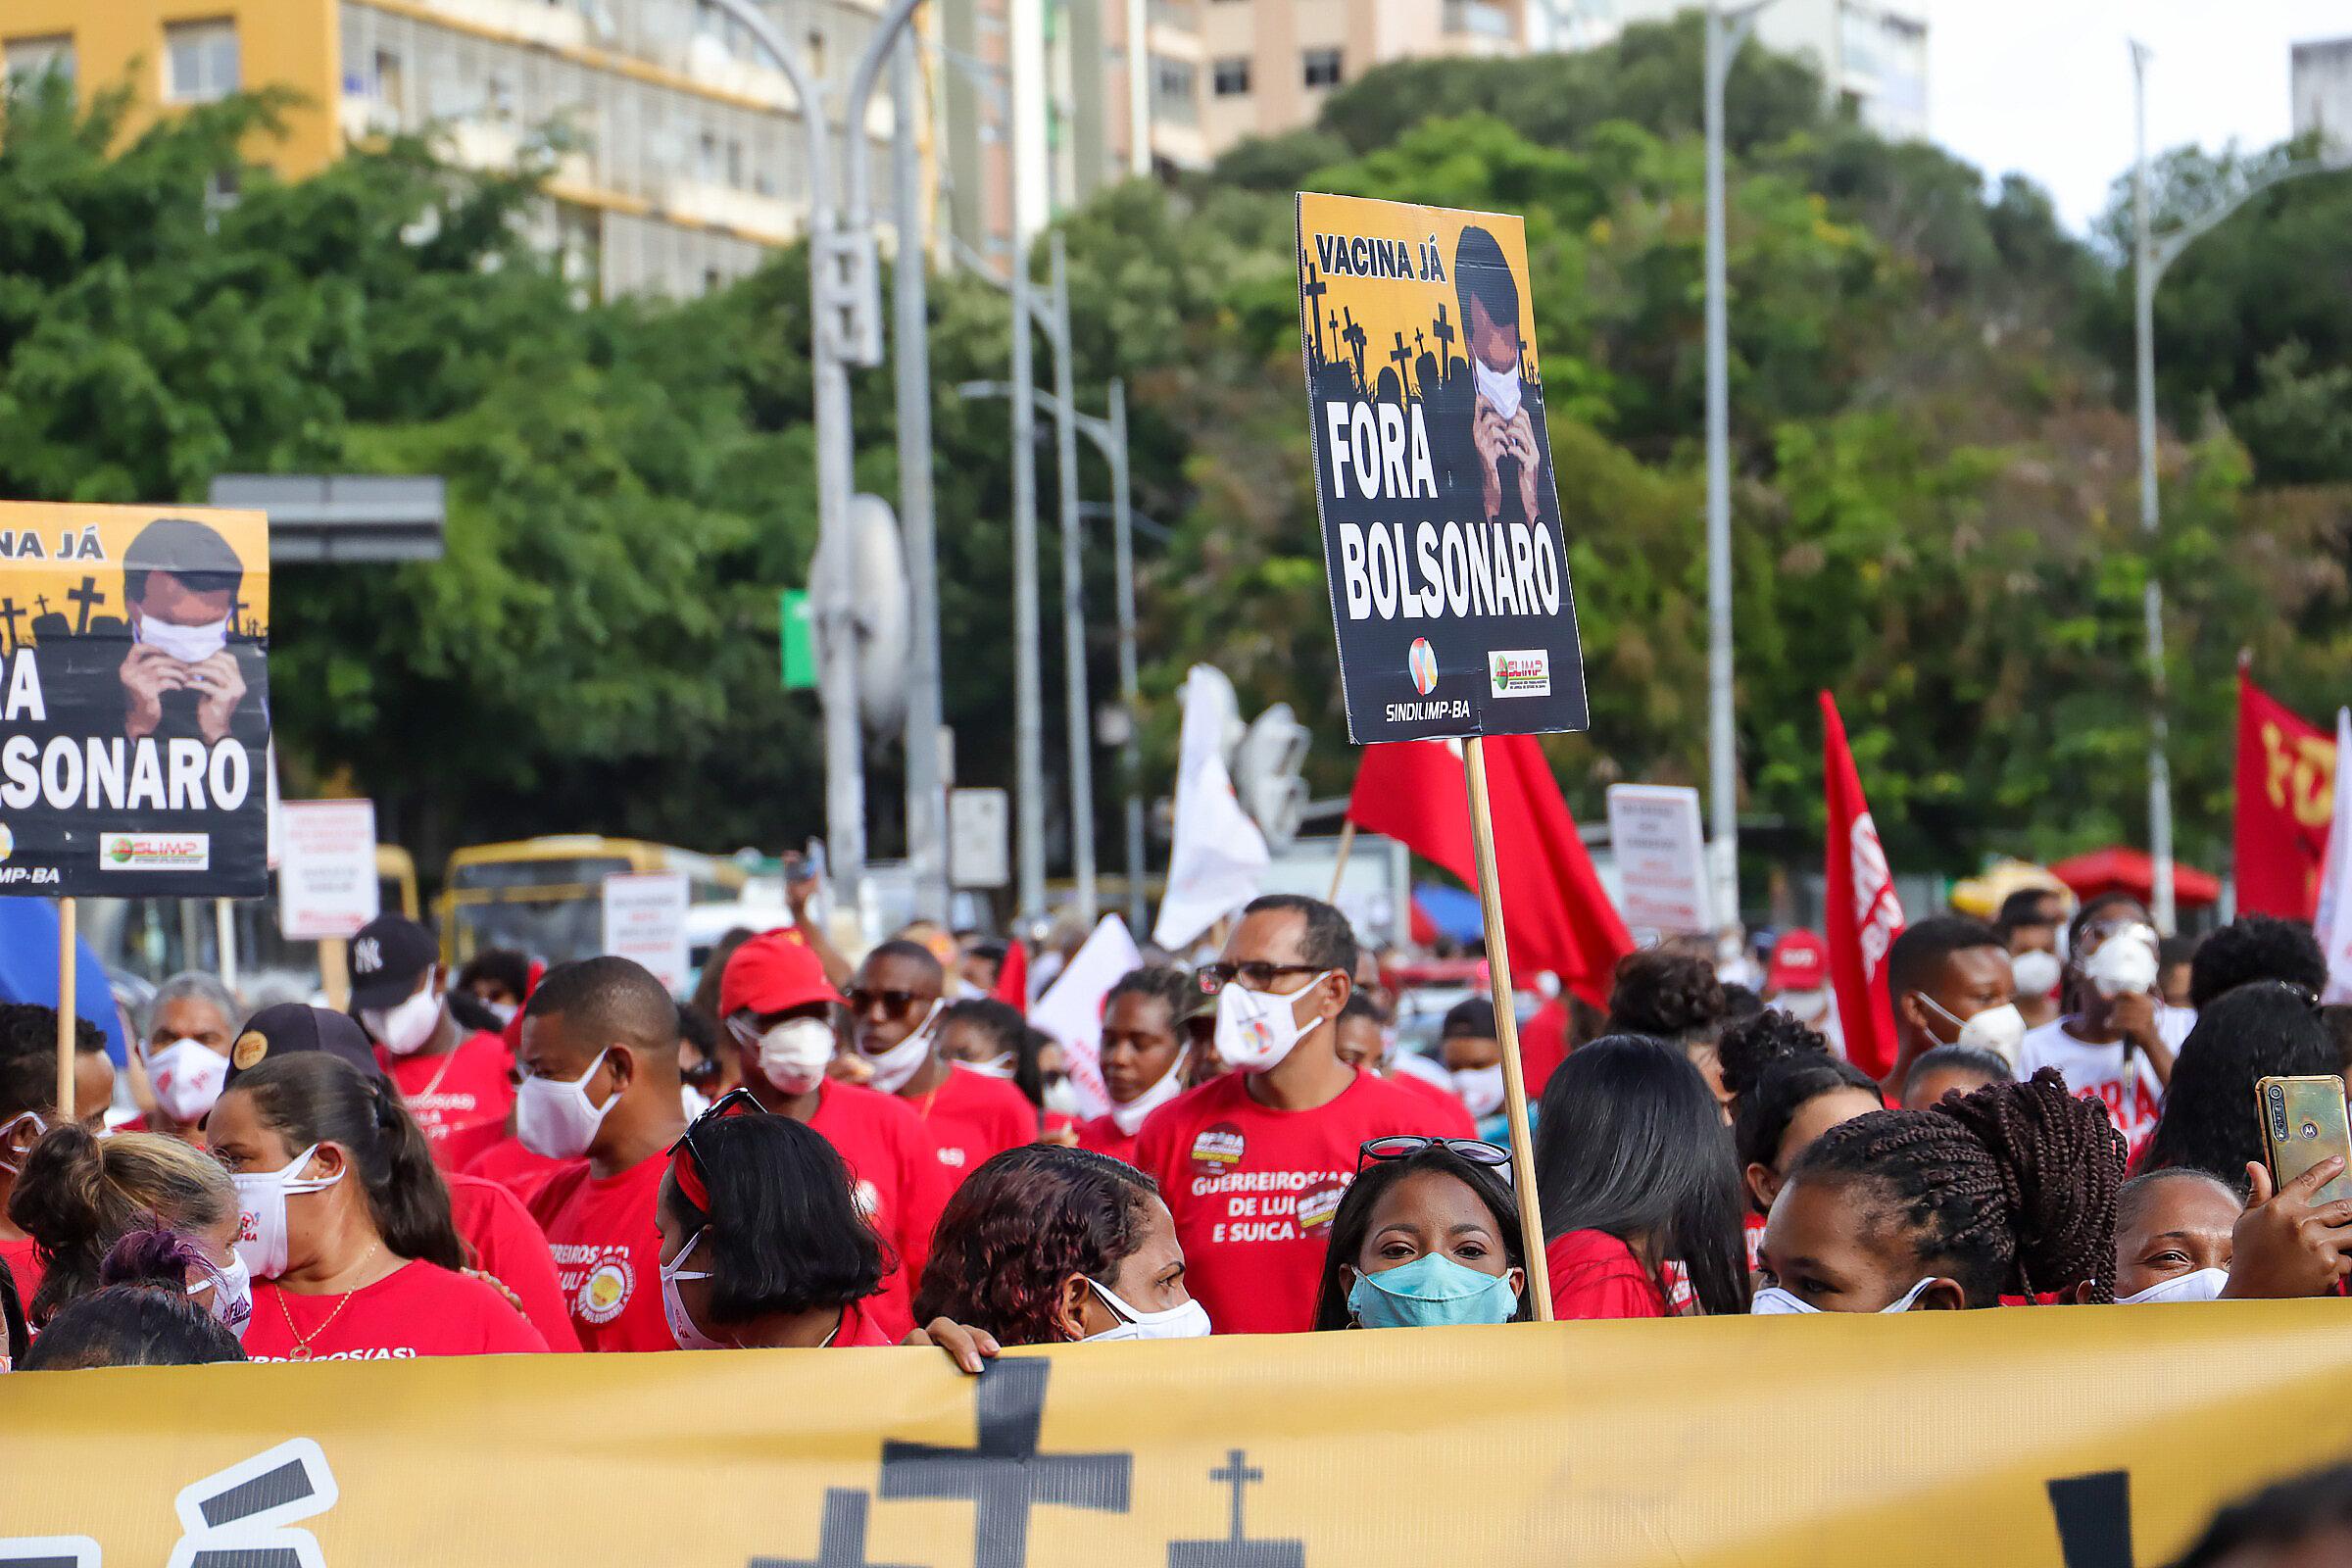 Protestos contra o governo do presidente Jair Bolsonaro em Salvador (BA), 19/06